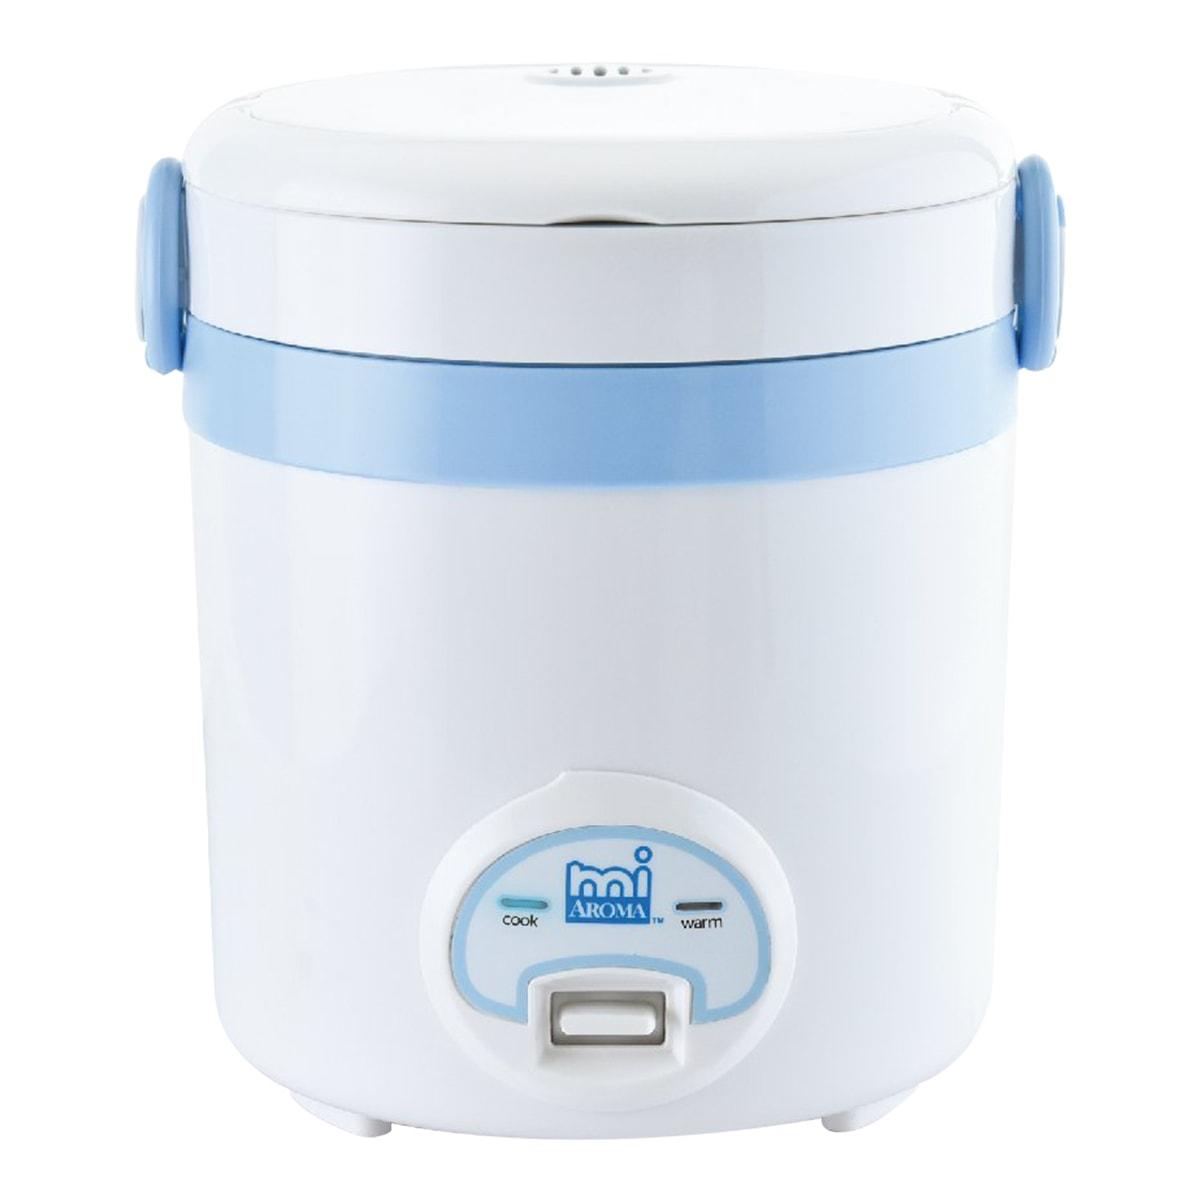 美国AROMA 方便一按迷你电饭煲 3杯熟米容量 MRC-903BL 1-3人份 (1年制造商保修)